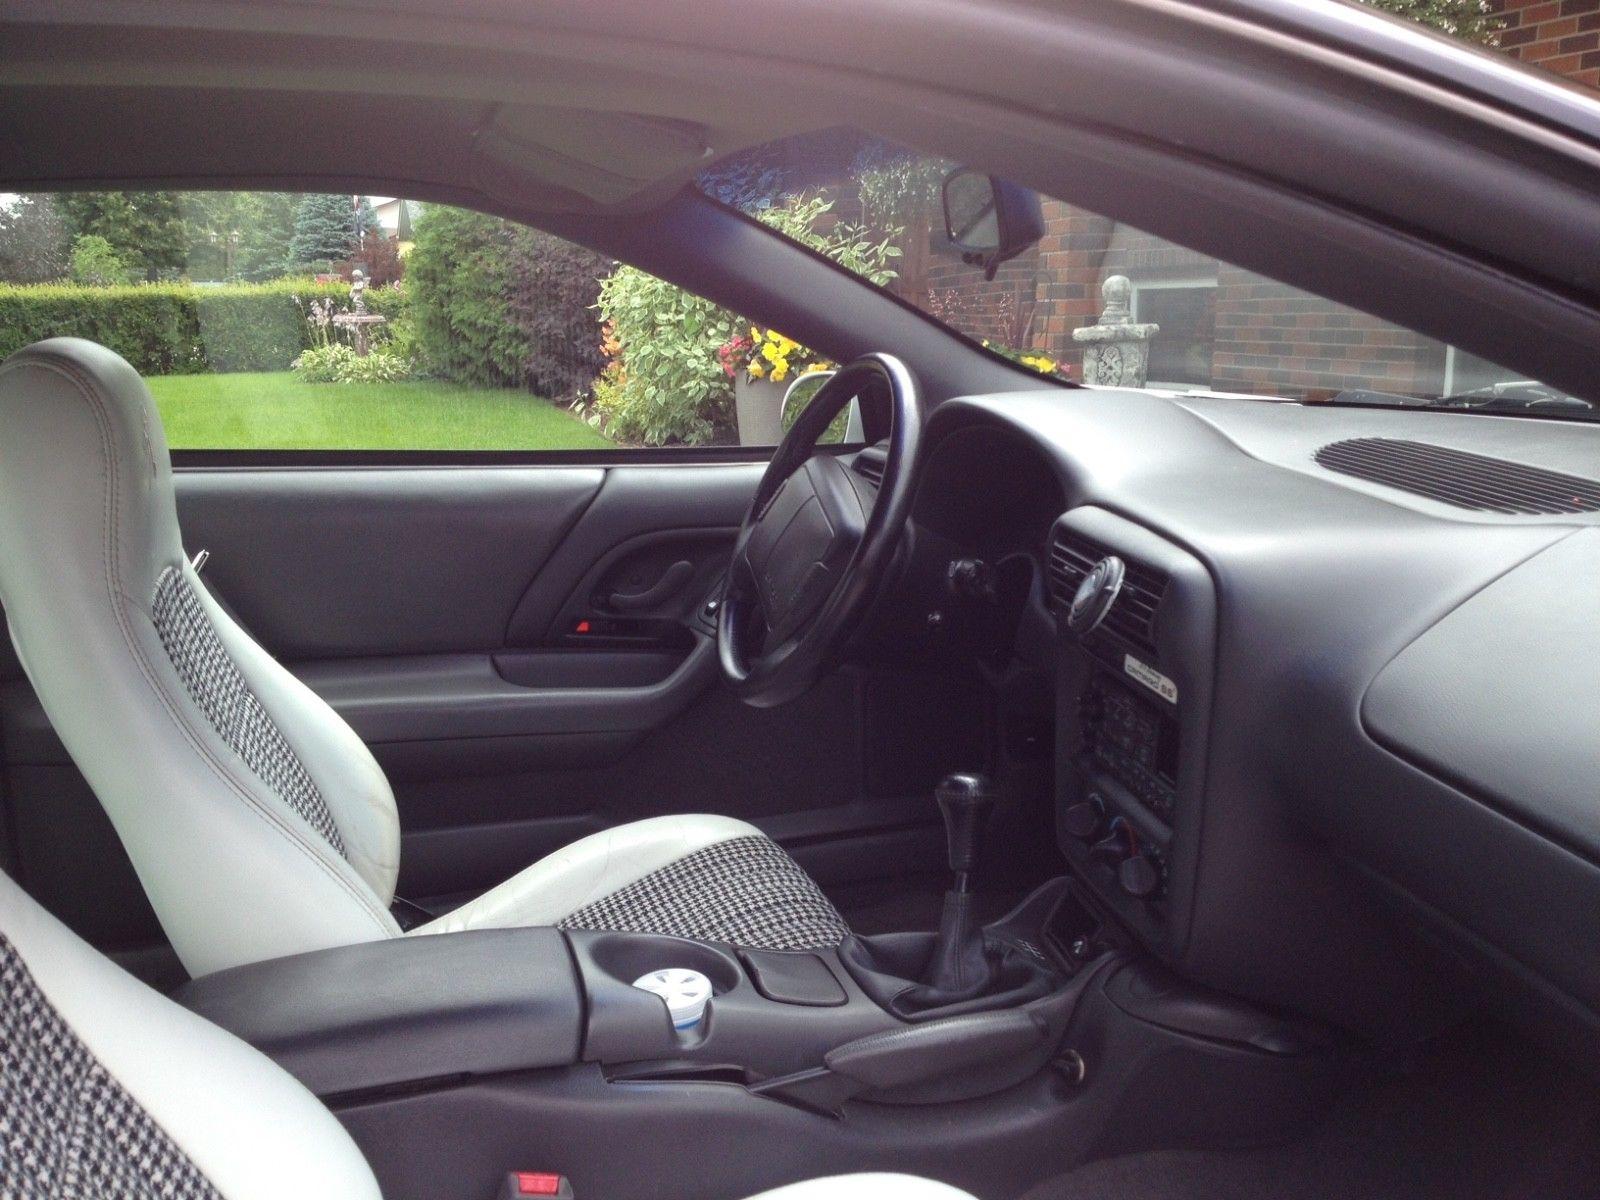 1997 Chevrolet Camaro hardtop interior